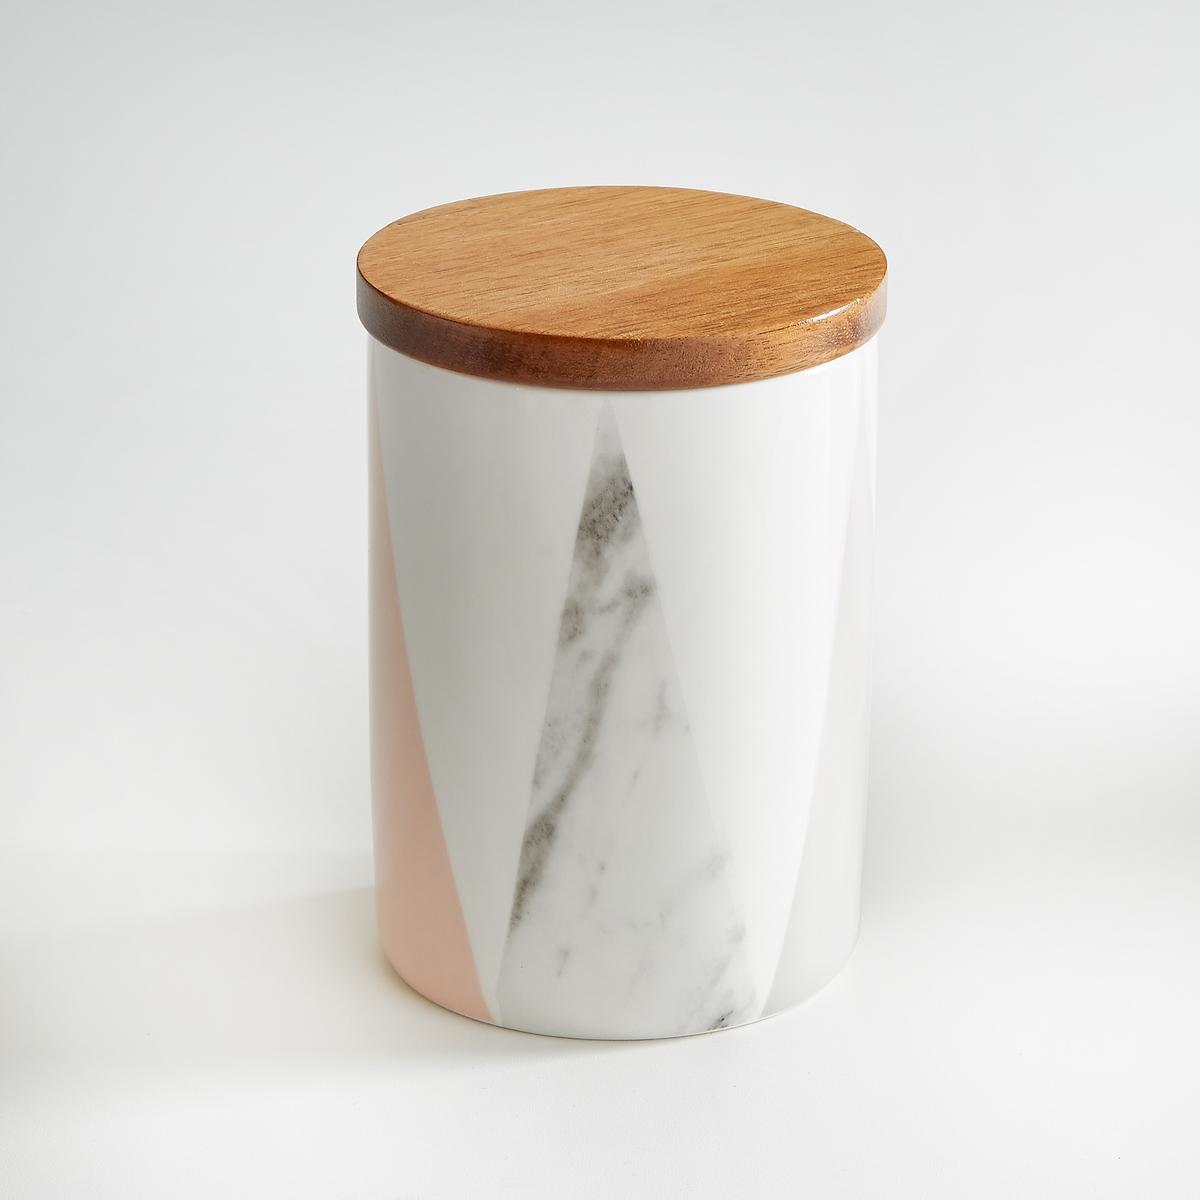 Кувшин из керамики и бамбукаХарактеристики кувшина:- Цилиндрический кувшин из керамики, крышка из бамбука с силиконом.- Диаметр: 11 см - Высота: 14 см. - Вместимость: 760 мл    - Использование в посудомоечной машине и микроволновой печи запрещено<br><br>Цвет: рисунок